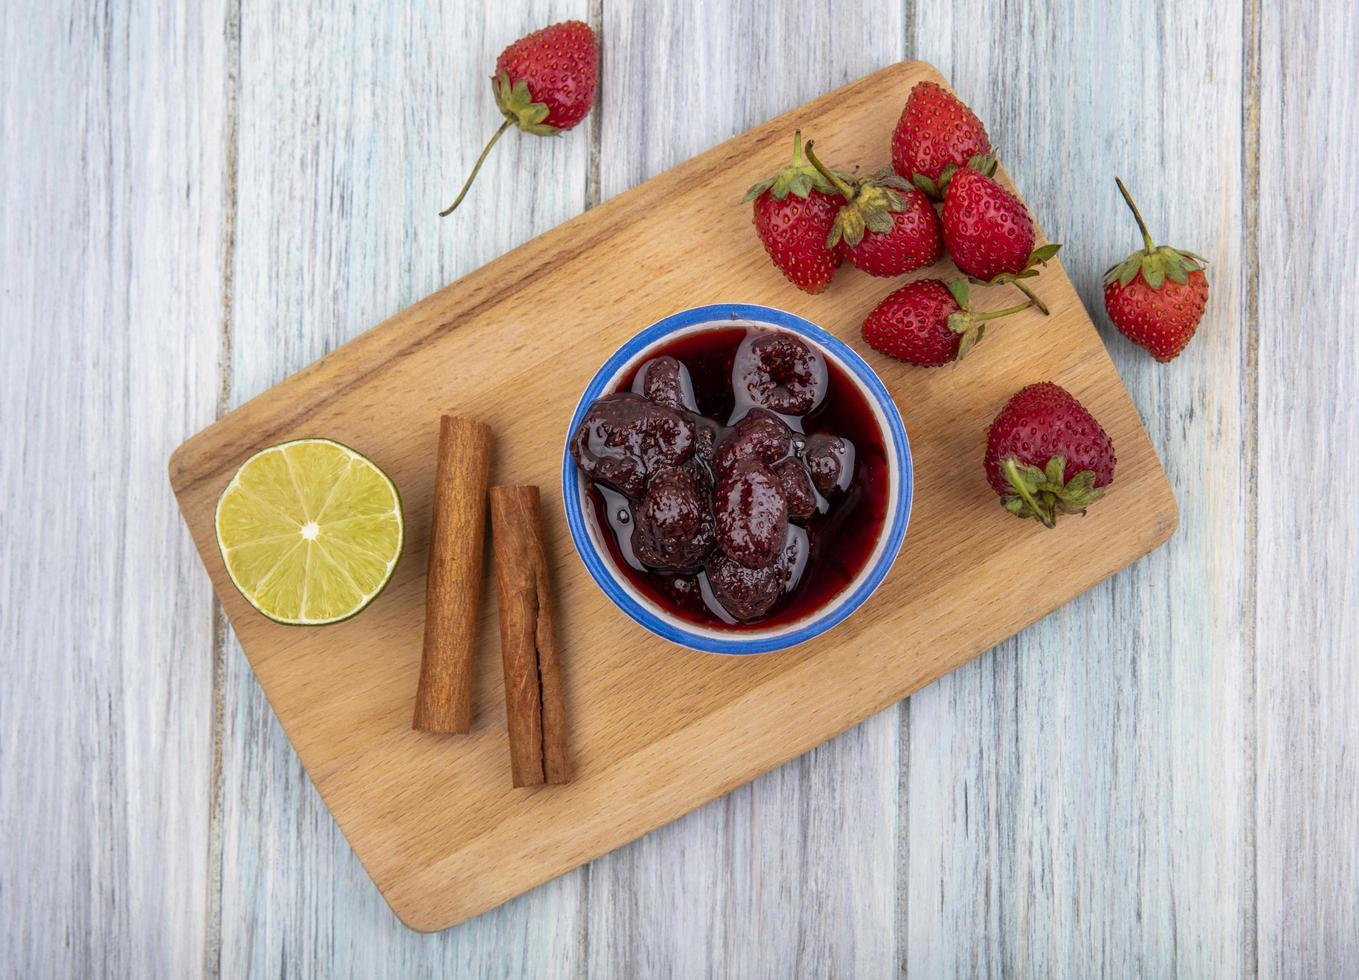 Fruta y mermelada sobre un fondo de madera gris foto